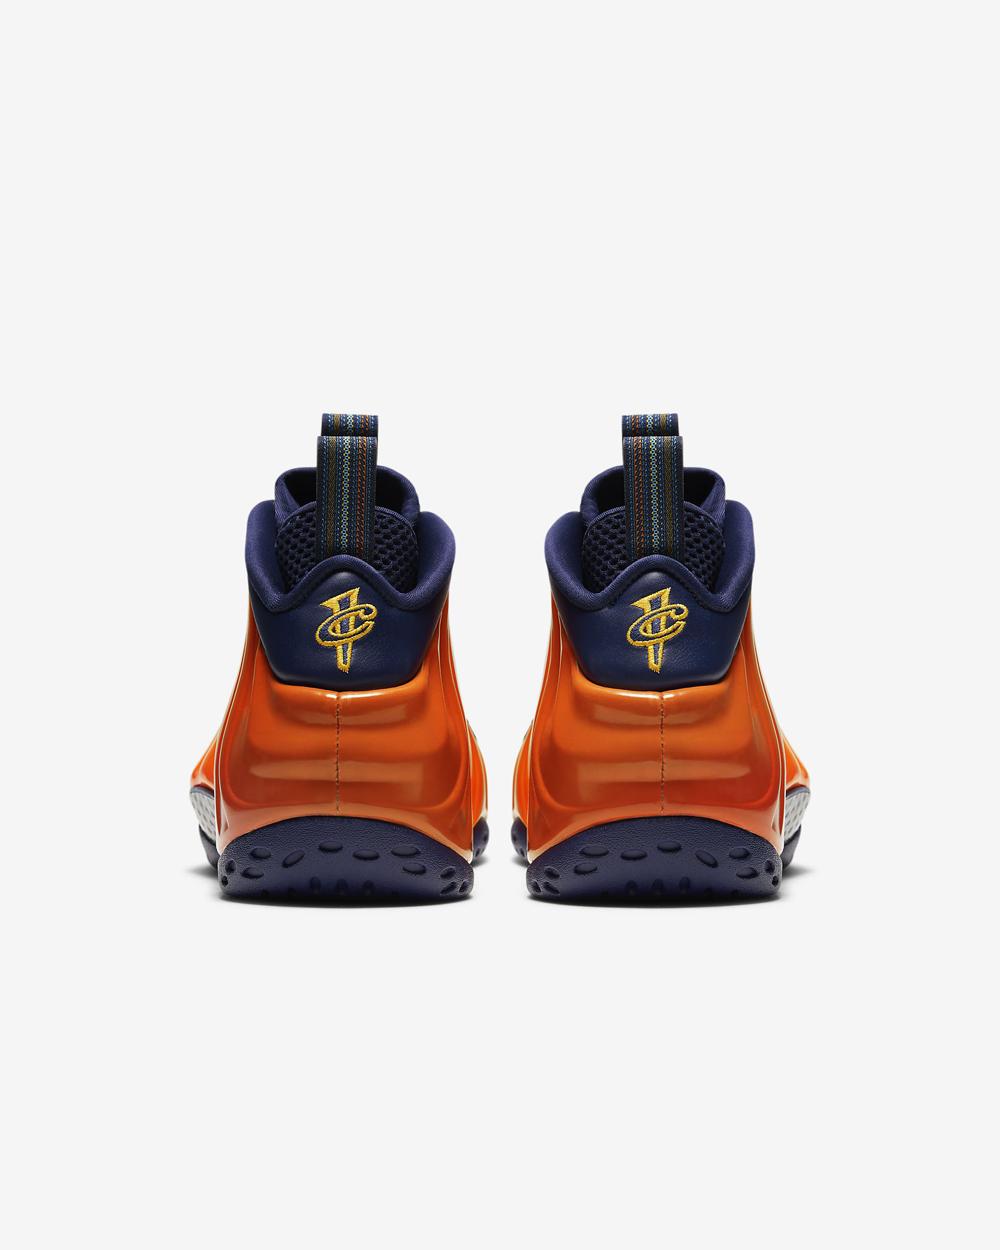 Nike,Air Foamposite One,发售,CJ0  官网悄然上架!渐变橙 Air Foamposite One 现在还能买